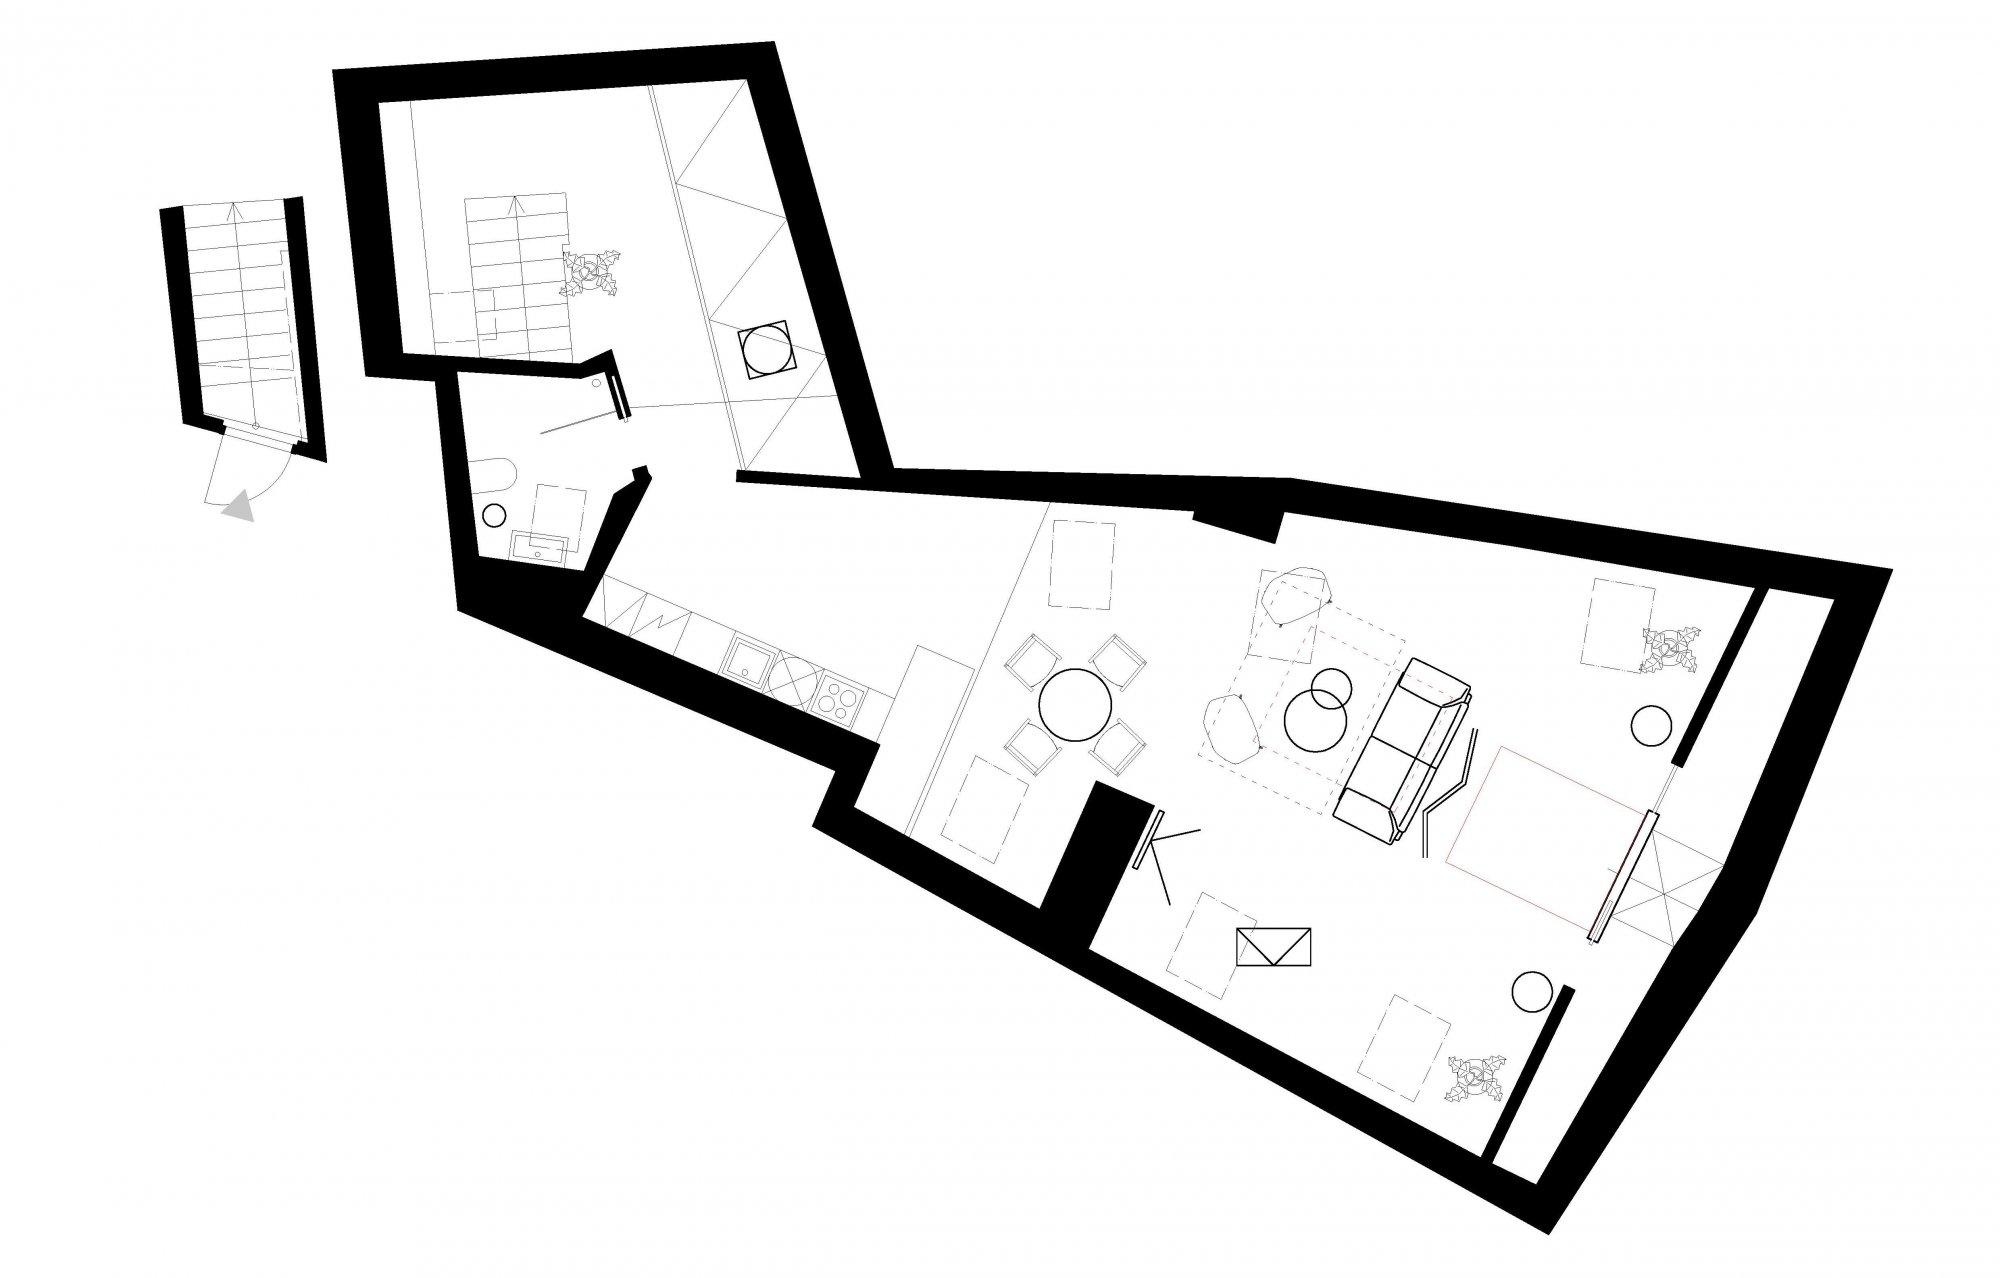 Půdorys - Půdní byt 1+kk, plocha 113 m², ulice Malostranské náměstí, Praha 1 - Malá Strana